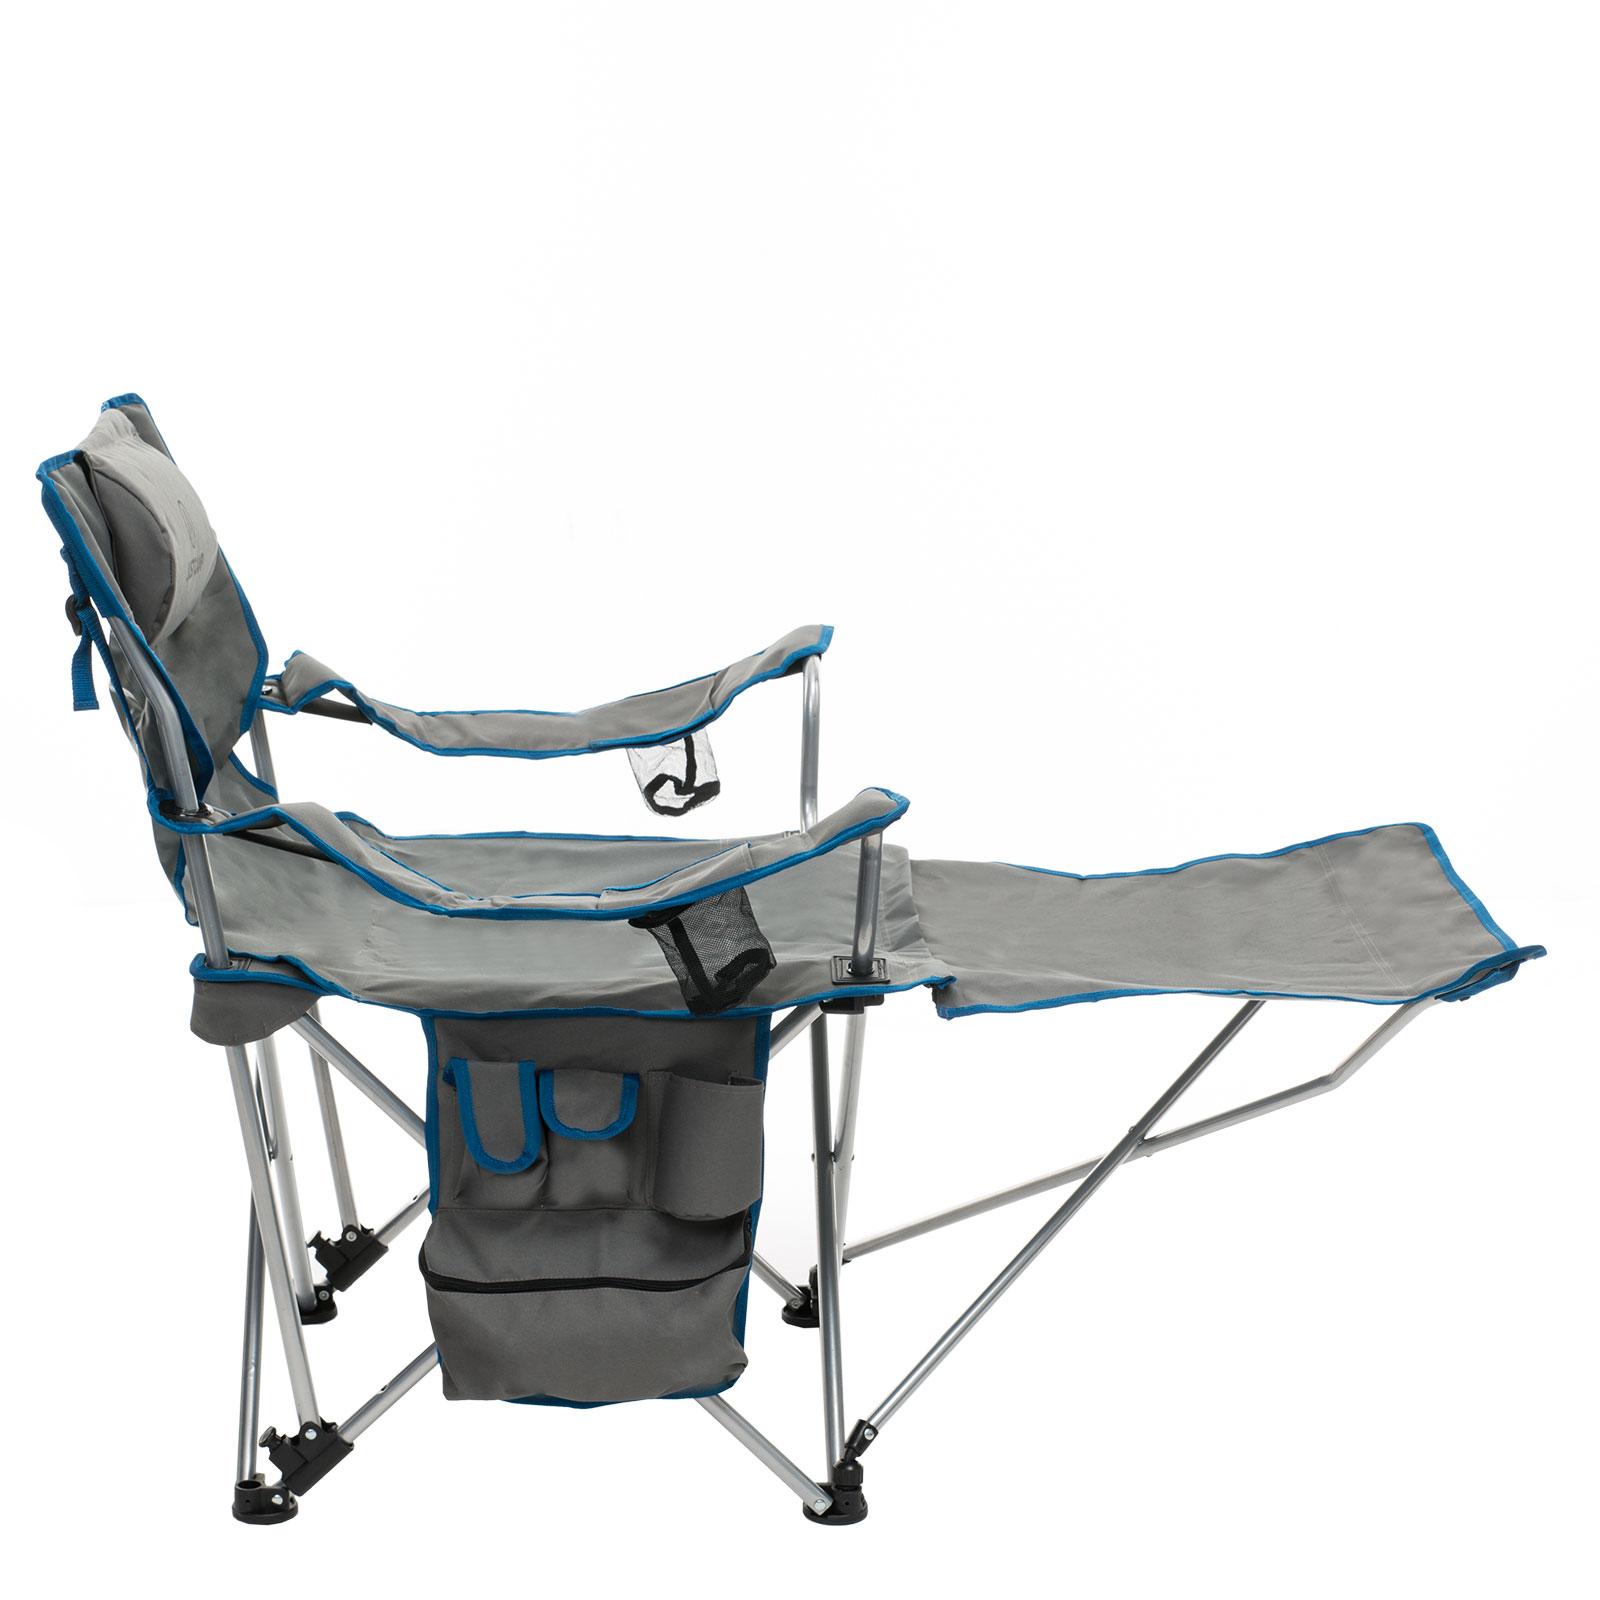 liegestuhl justcamp denver grau campingstuhl faltstuhl. Black Bedroom Furniture Sets. Home Design Ideas